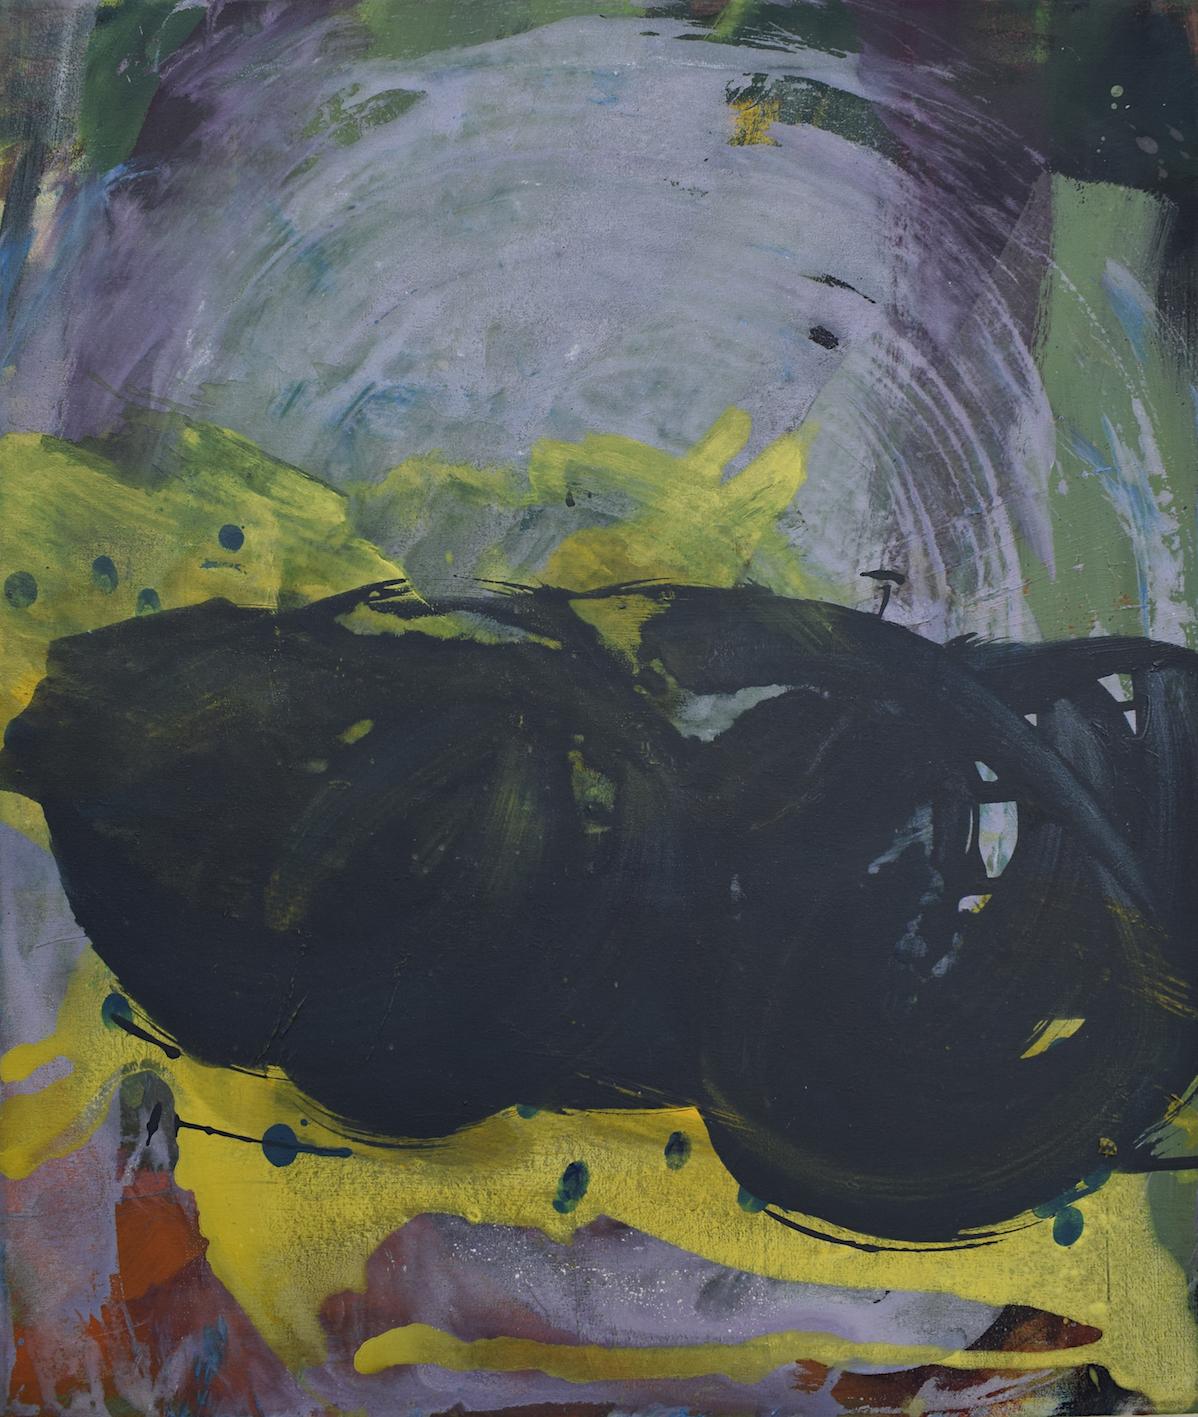 Silke Kästner  Sunglasses , 2012, Acrylic on canvas, 60 x 70 cm